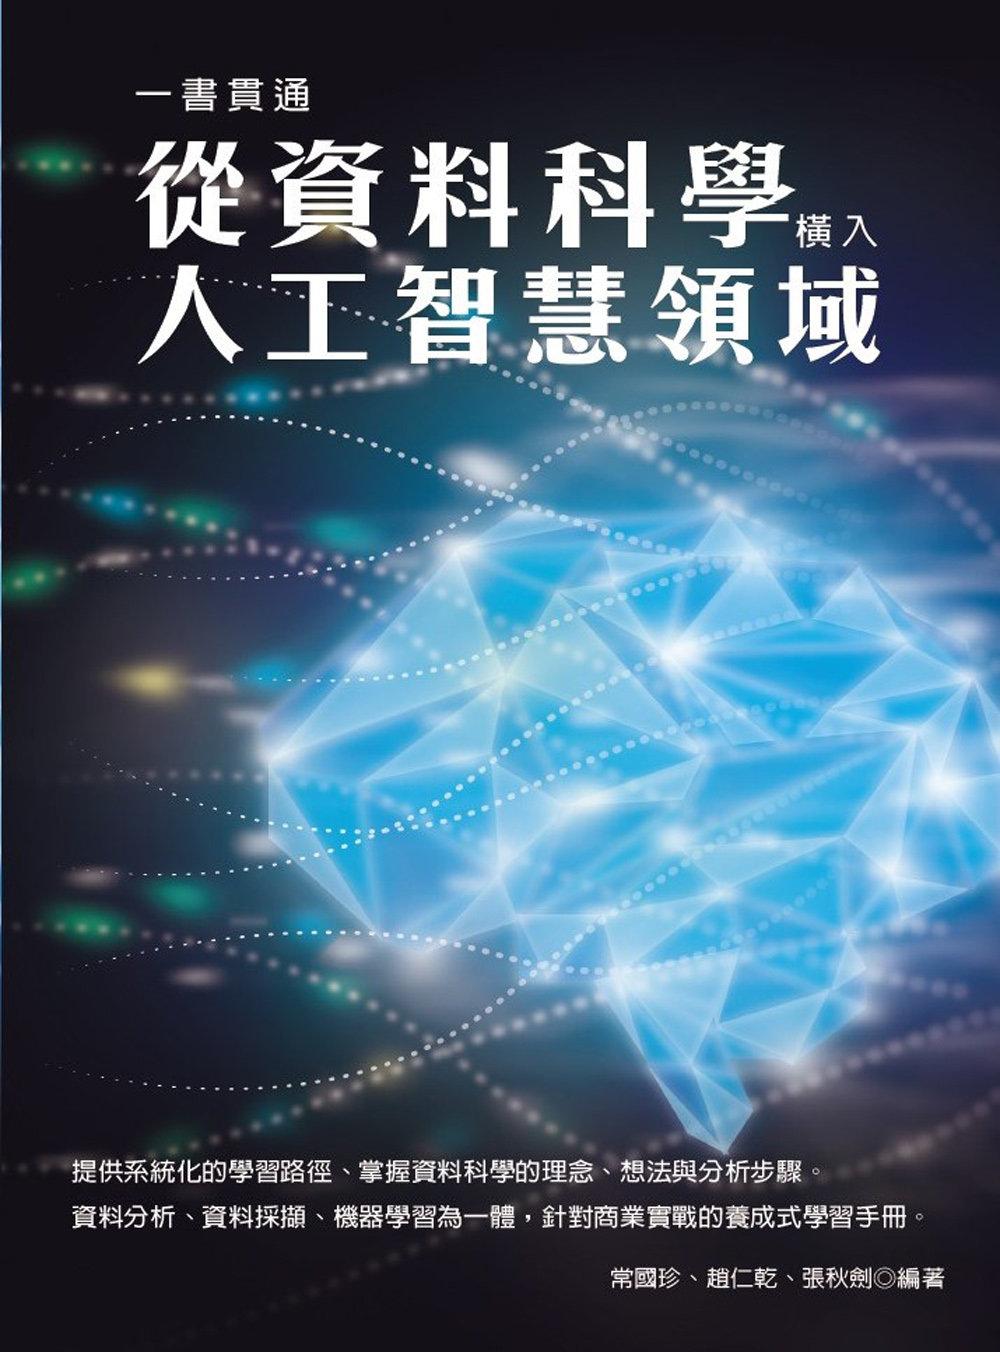 一書貫通 -- 從資料科學橫入人工智慧領域-preview-1